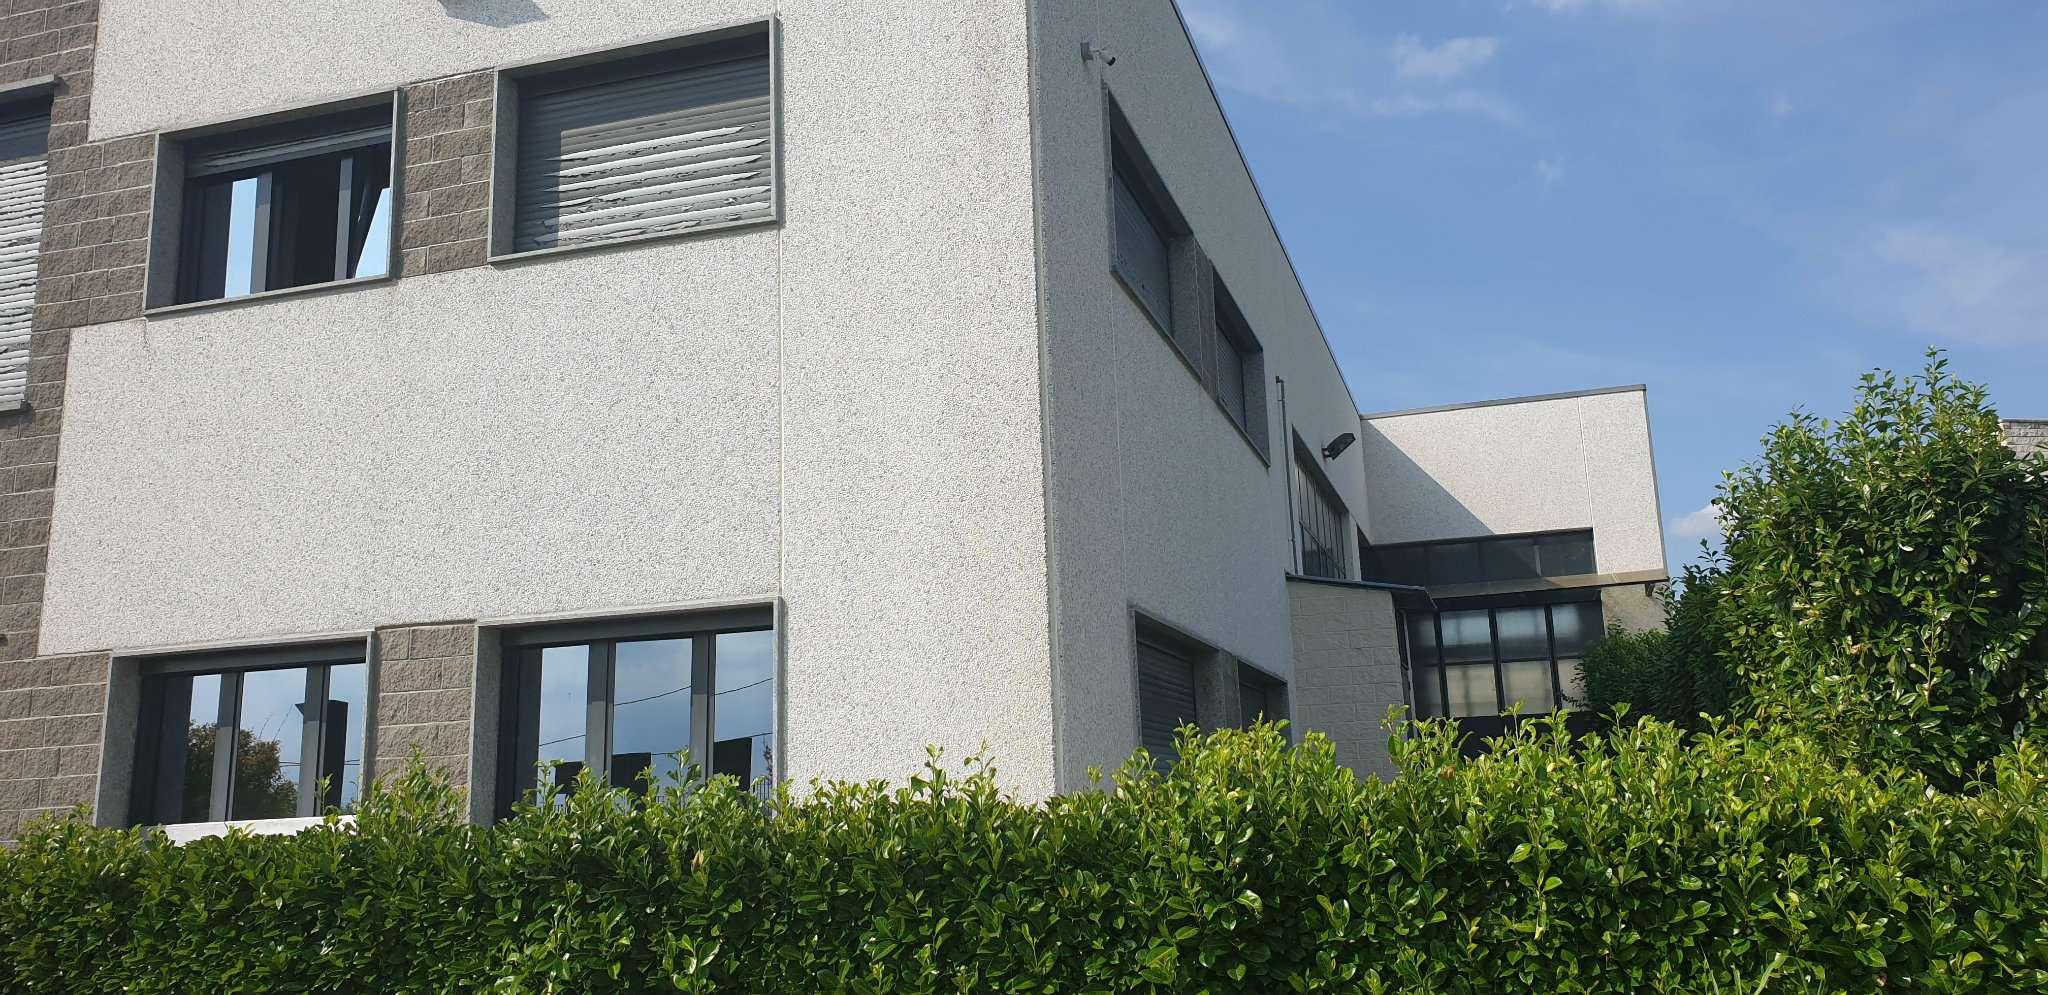 Capannone in vendita a Borgaro Torinese, 6 locali, prezzo € 590.000 | PortaleAgenzieImmobiliari.it